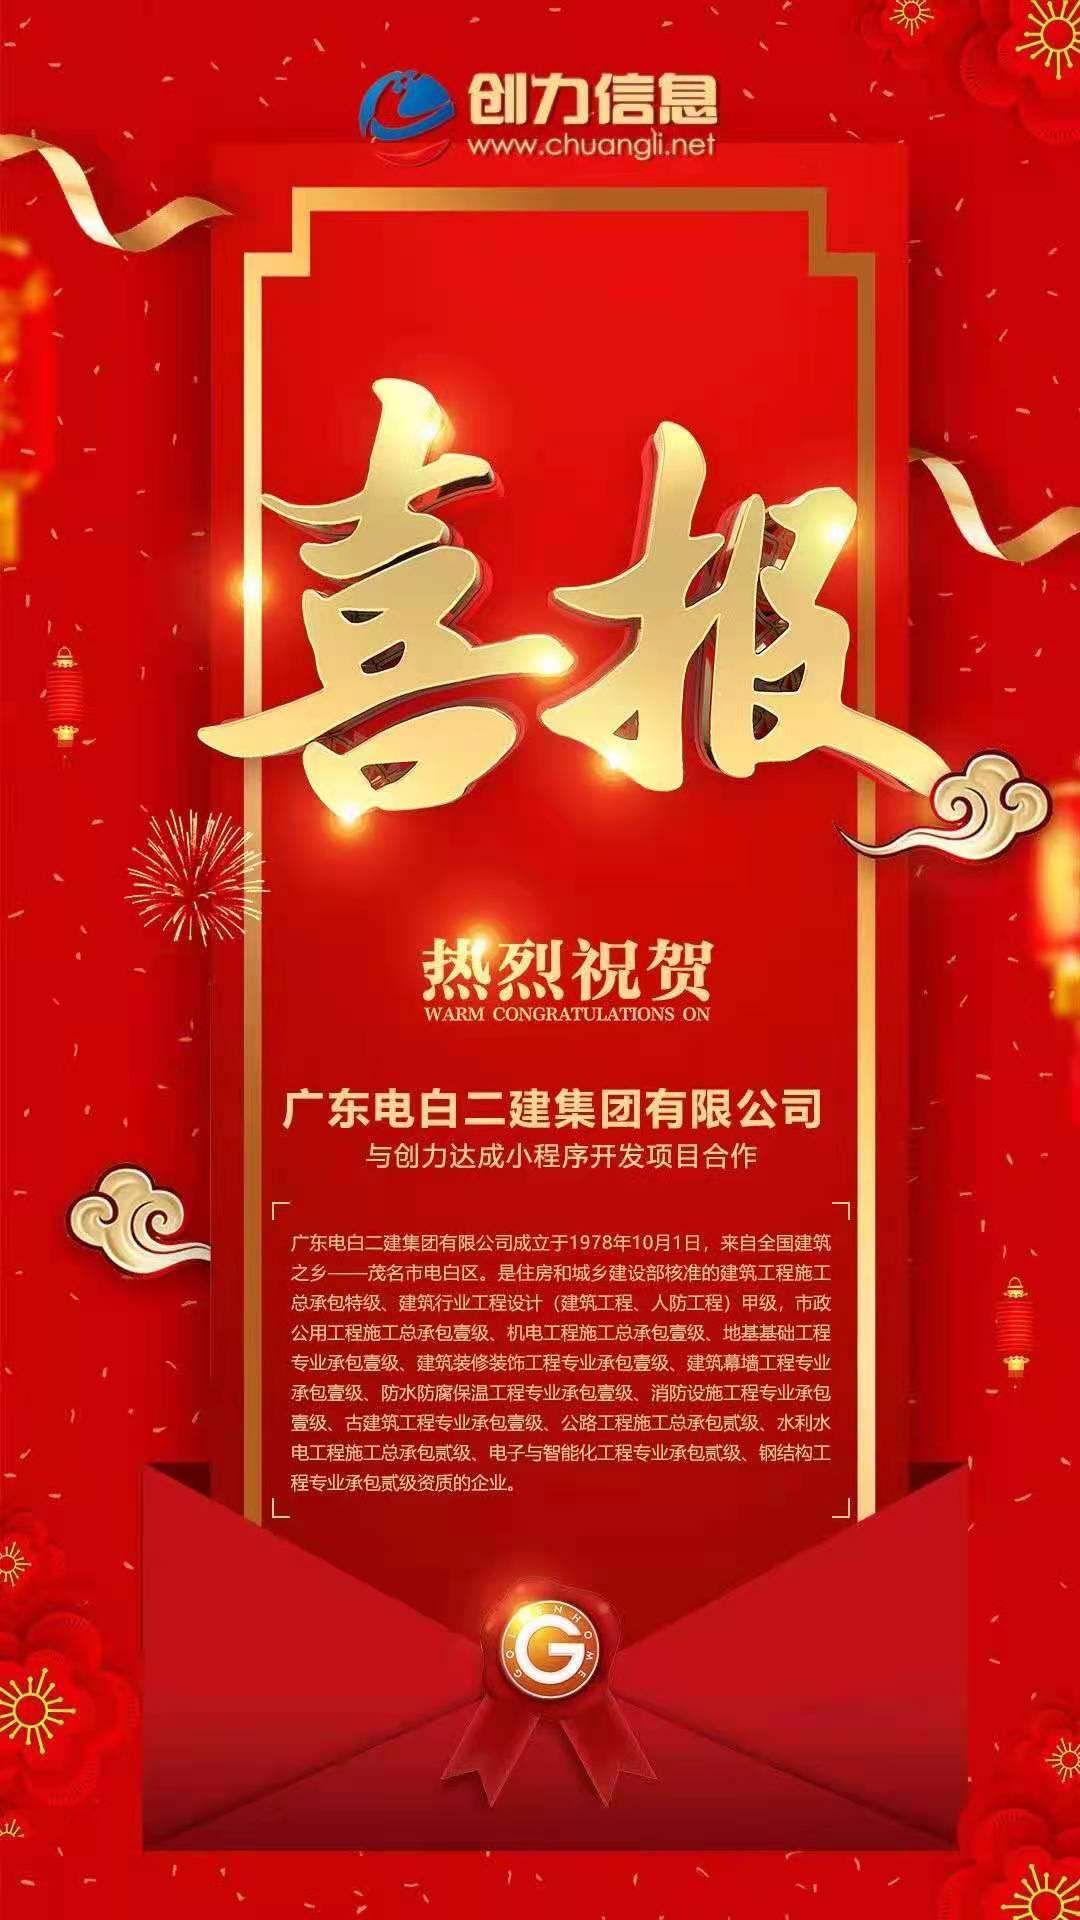 祝贺广东电白二建集团与创力签约小程序开发项目